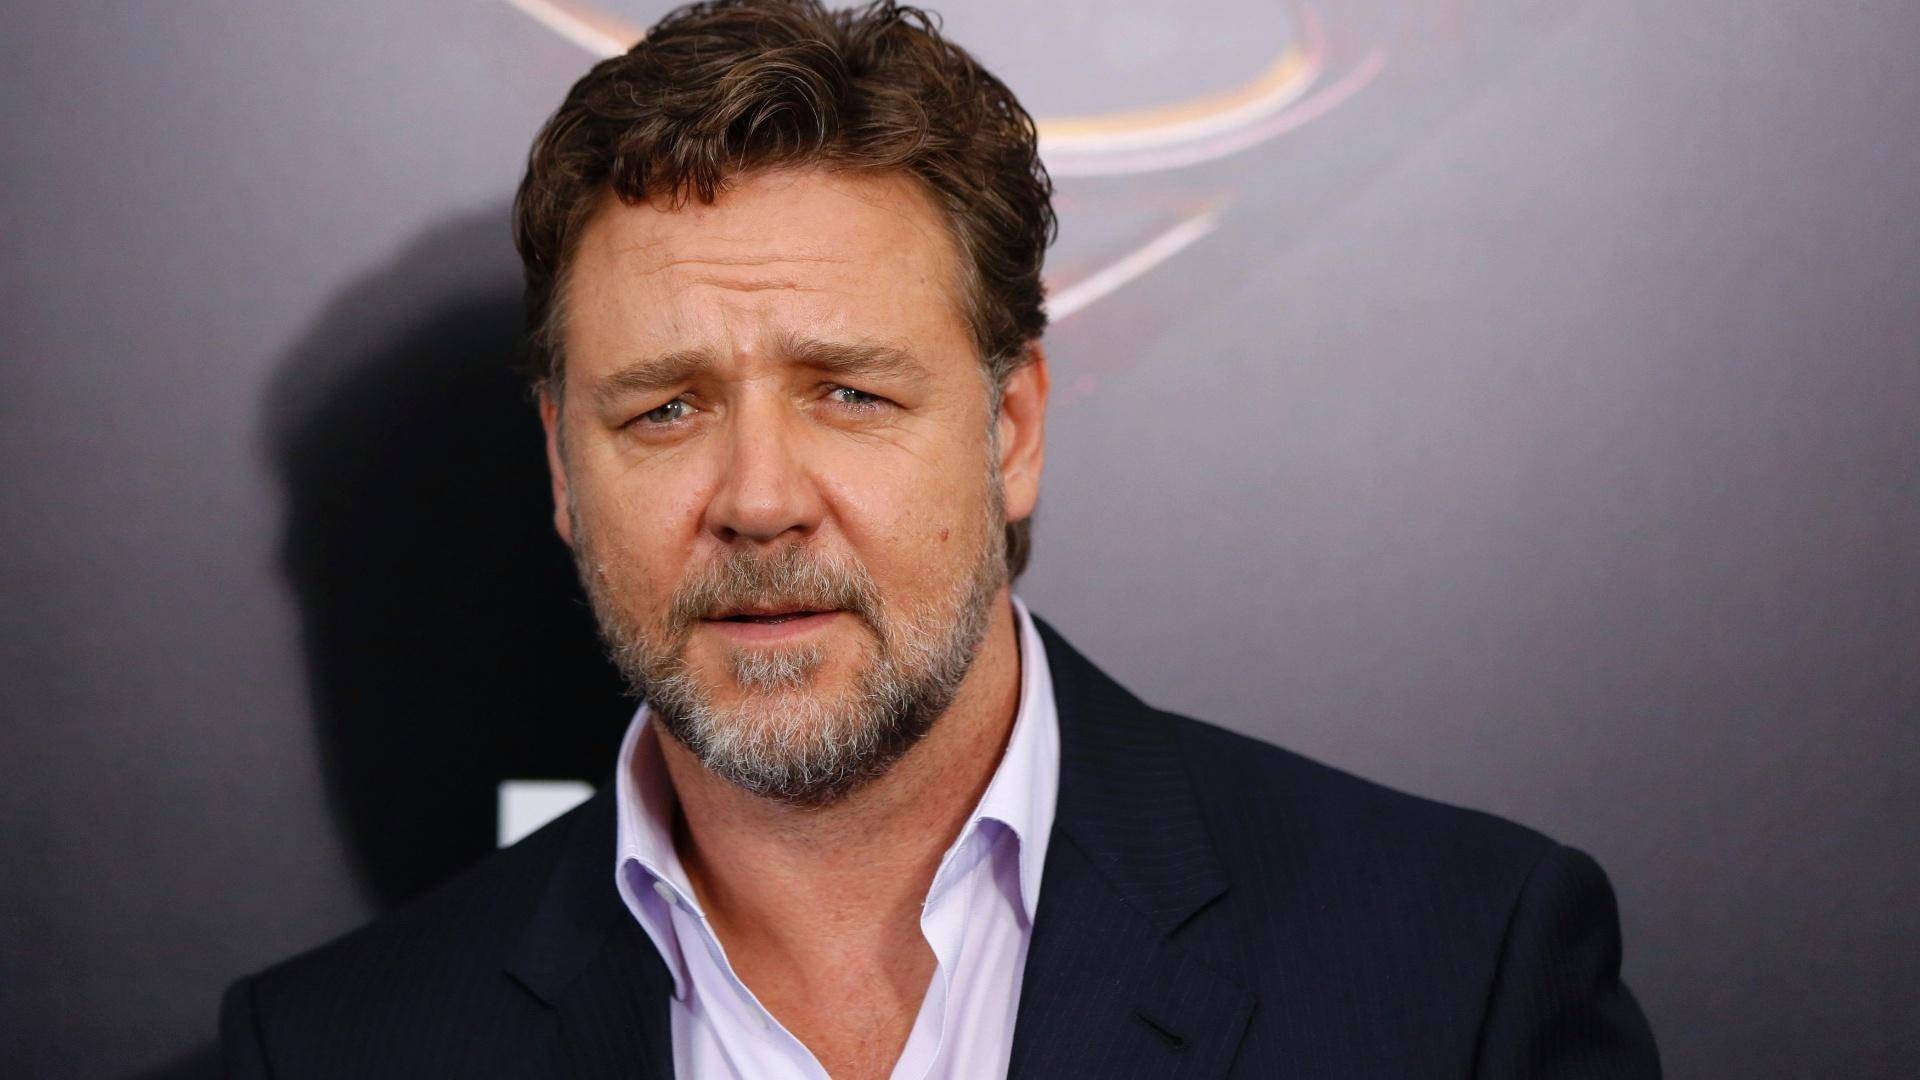 Por qué el actor Russell Crowe tanteó comprar un club de fútbol inglés